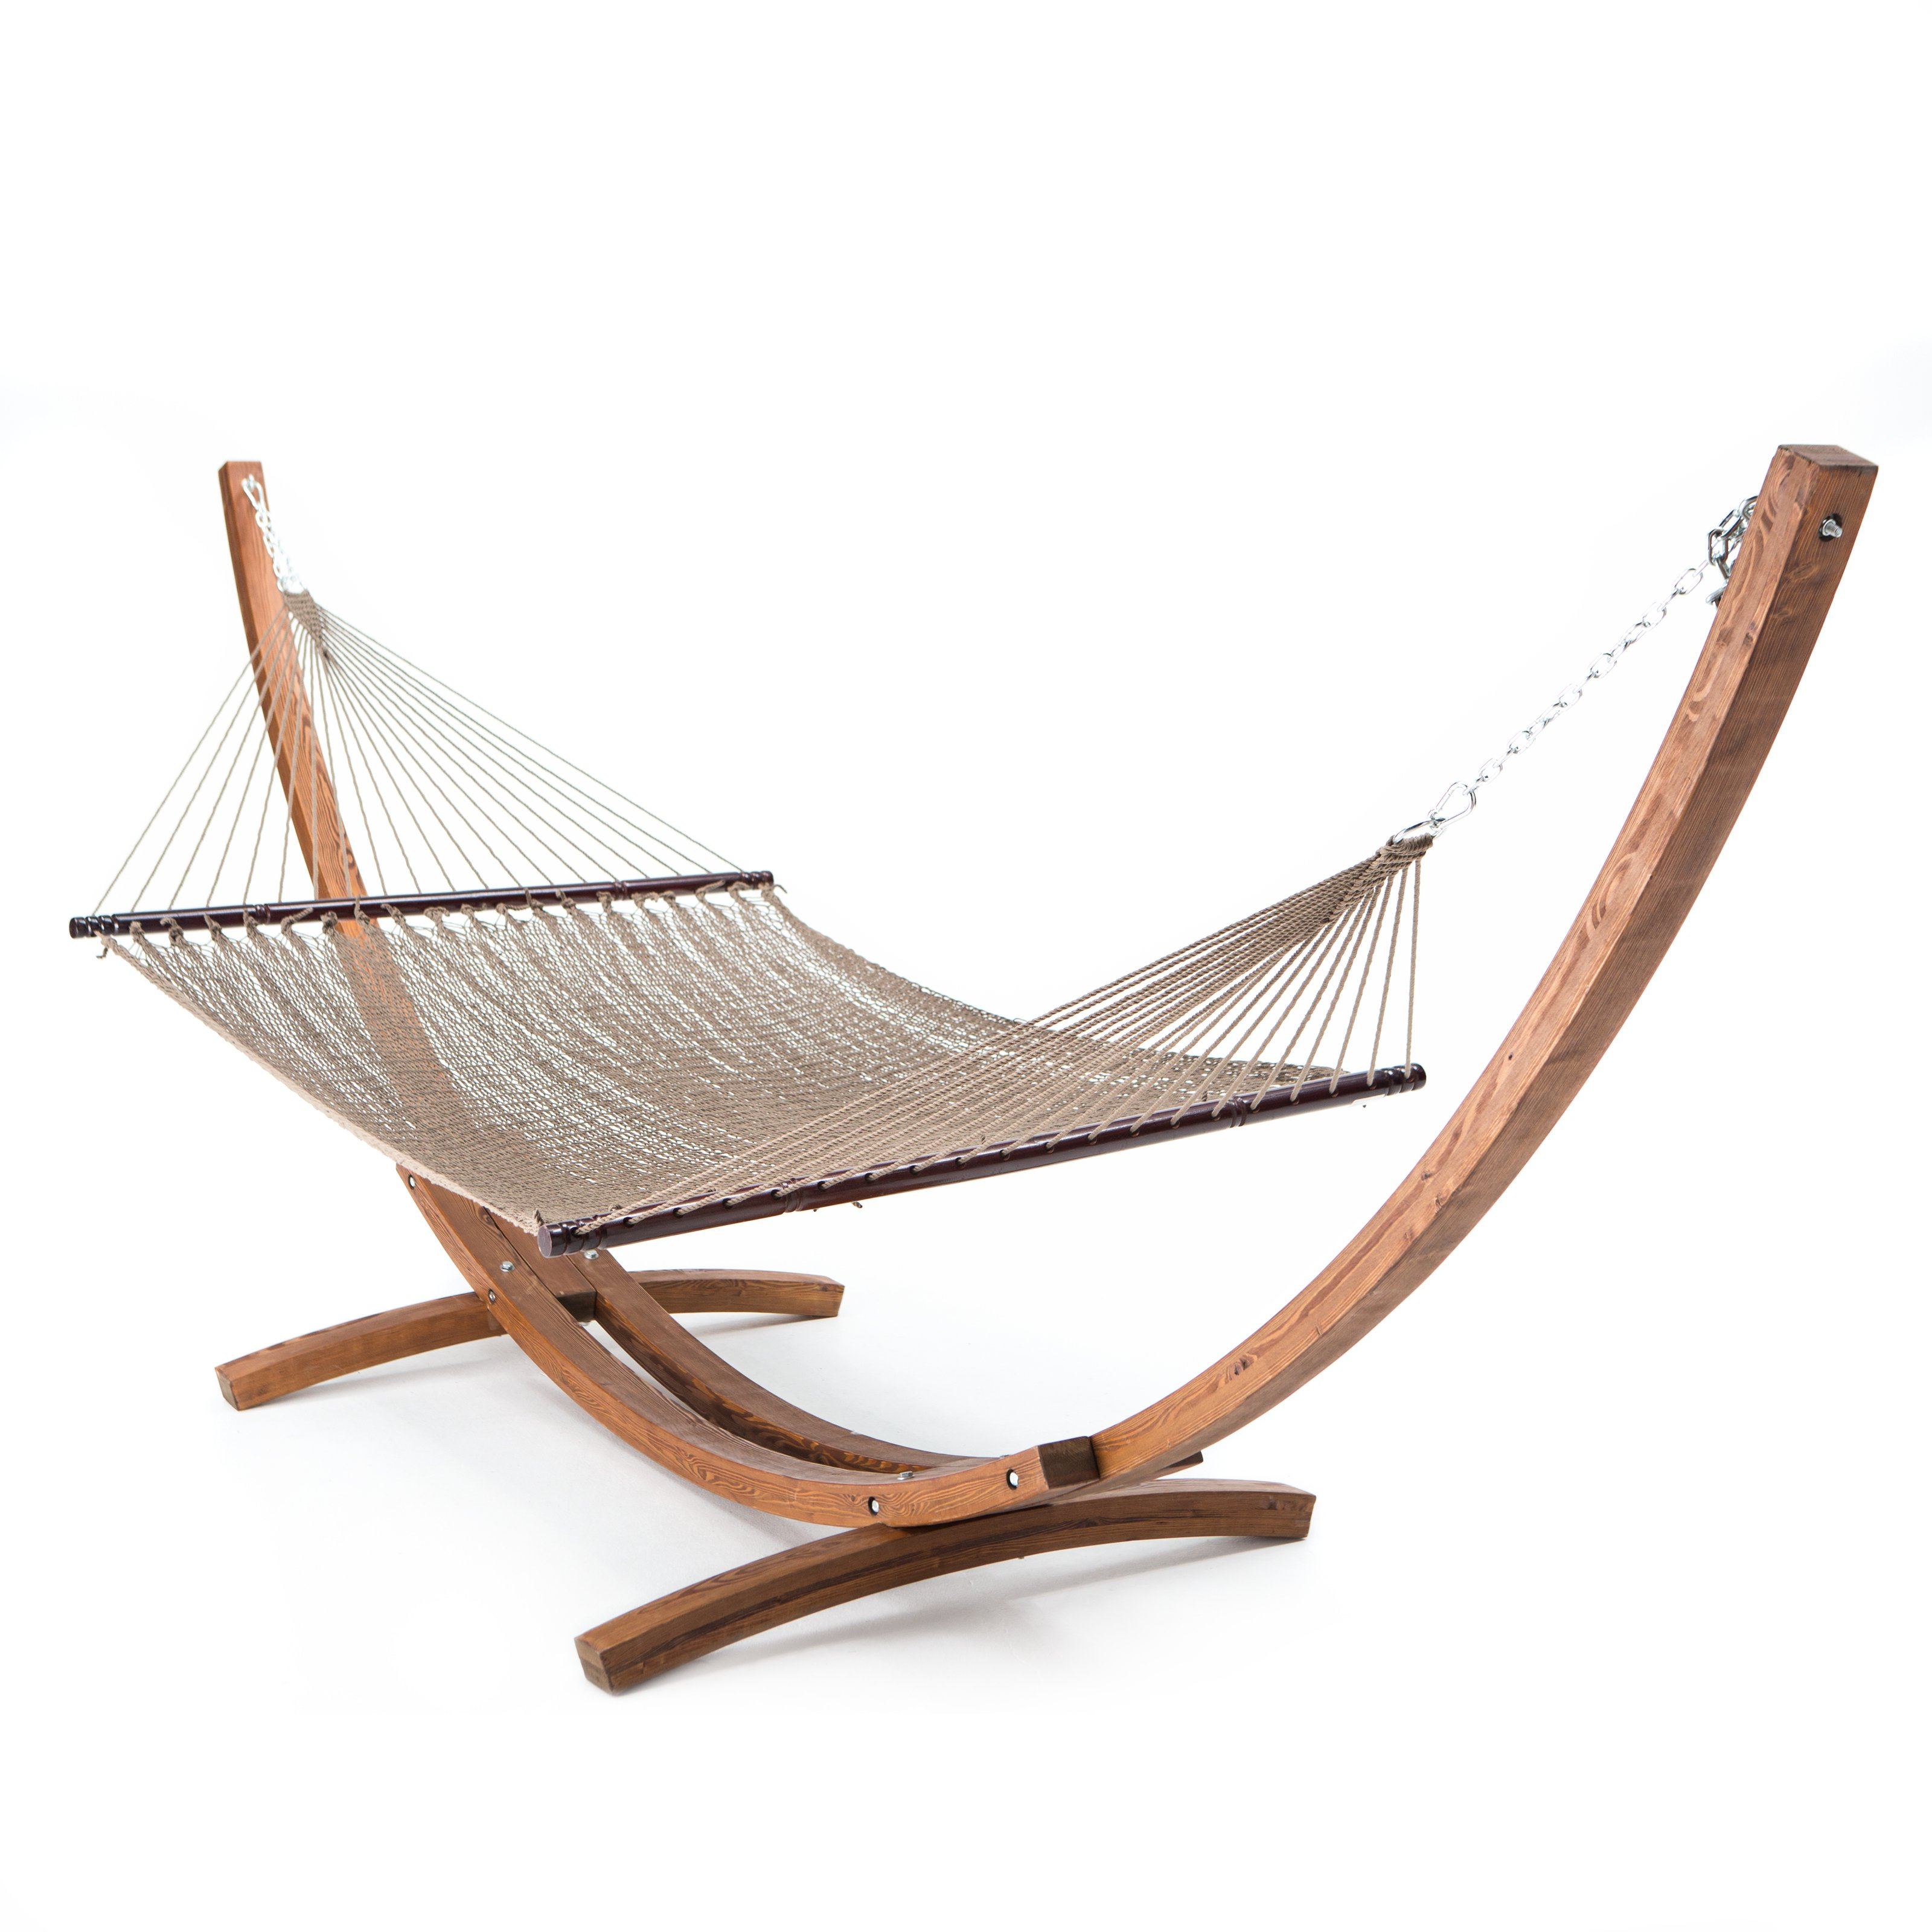 Caribbean Style Rope Hammock by Algoma Net Company